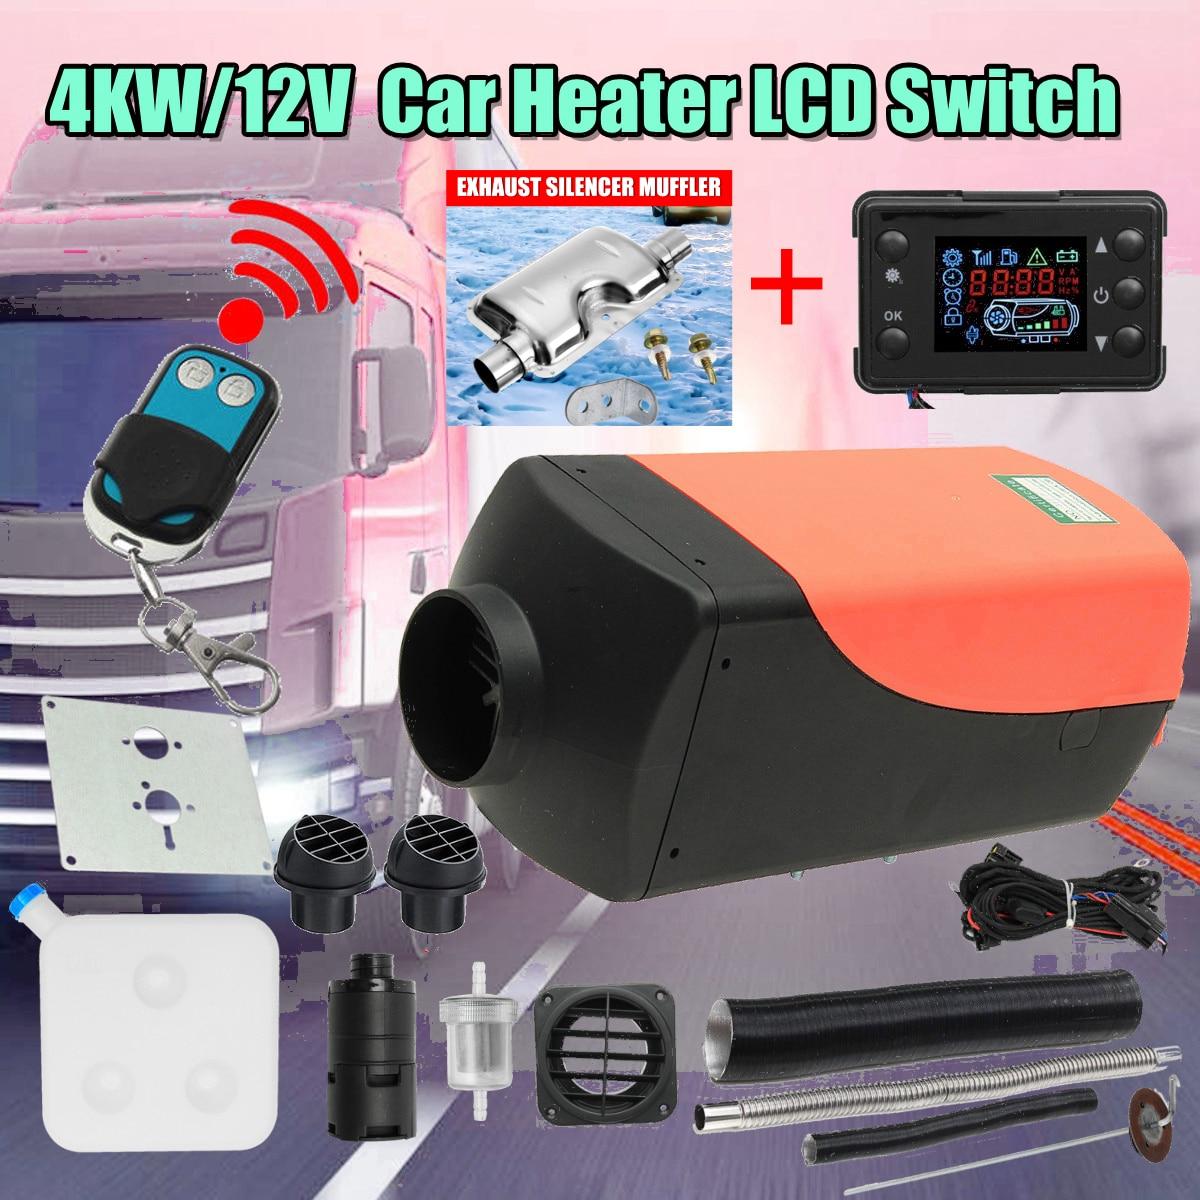 Автомобильный обогреватель 4 кВт 12 В в Air ELS обогреватель стояночный обогреватель с дистанционным нагревателем ЖК-монитор